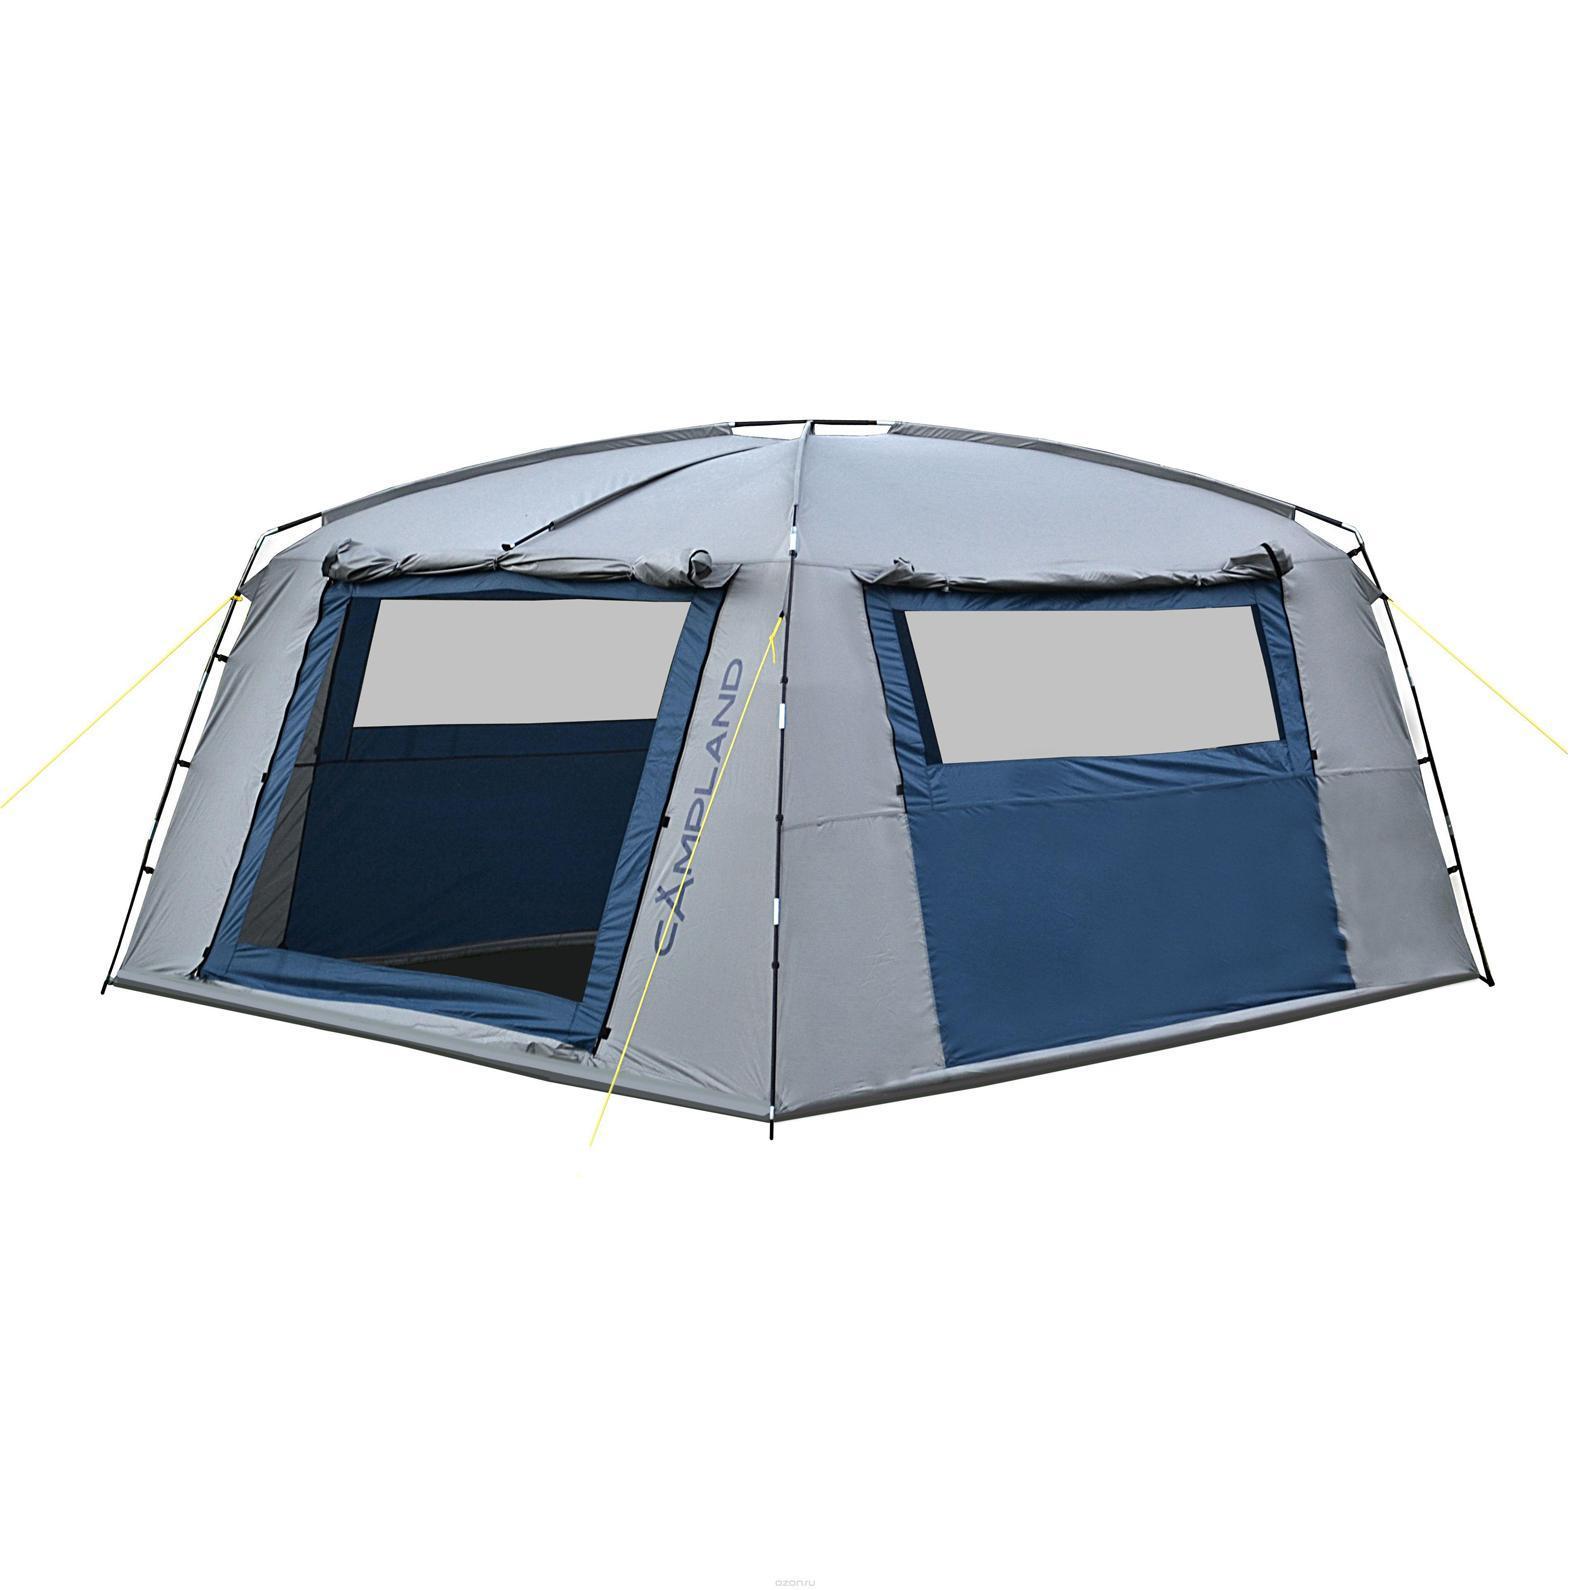 Тент шатер CAMPLAND FORT 335, цвет: серый, синийFORT 335Тент-шатер FORT 335 просторная модель для дружеских поездок на природу. Без такого приспособления не обойтись в случае, если погода меняется, собирается дождь или поднялся ветер, защитит тент и от яркого солнца. В широком и высоком тенте можно устроить кухню или столовую, сложить вещи и самим укрыться в случае необходимости. Тент-шатер вмещает большое количество человек, он очень прочный и устойчивый, выдерживает серьезные порывы ветра.Технологии: Вентиляционные окна (Х-вентиляция), чехол с утягивающими стропами, швы проклеены, оттяжки по углам тента, двухслойные двери. Обладает высокой ветроустойчивостью. С четырех сторон расположены штормовые оттяжки и стропы из полиэстра